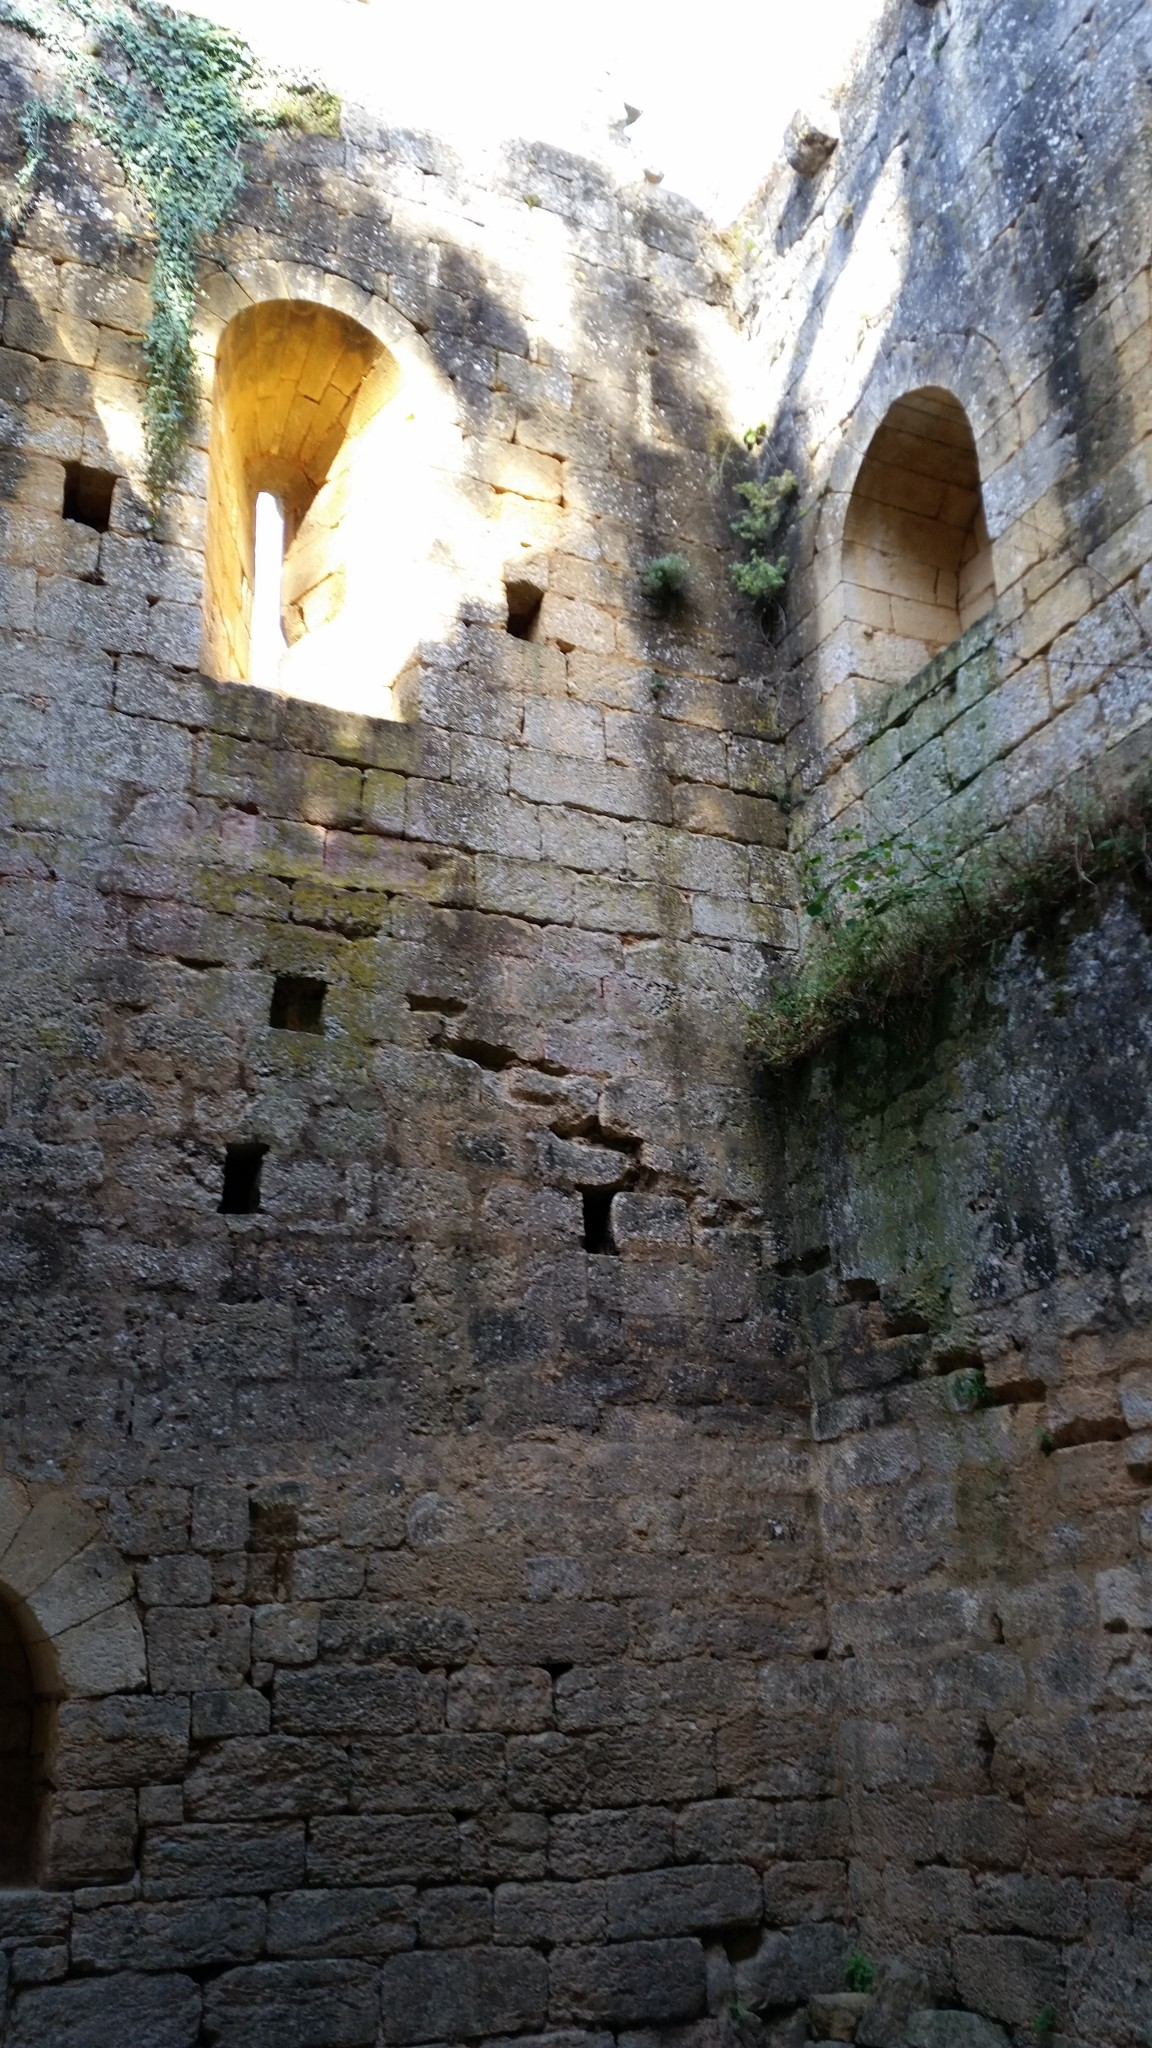 Marcas daus traus e daus esclaiers dins un ancian ostau particulier